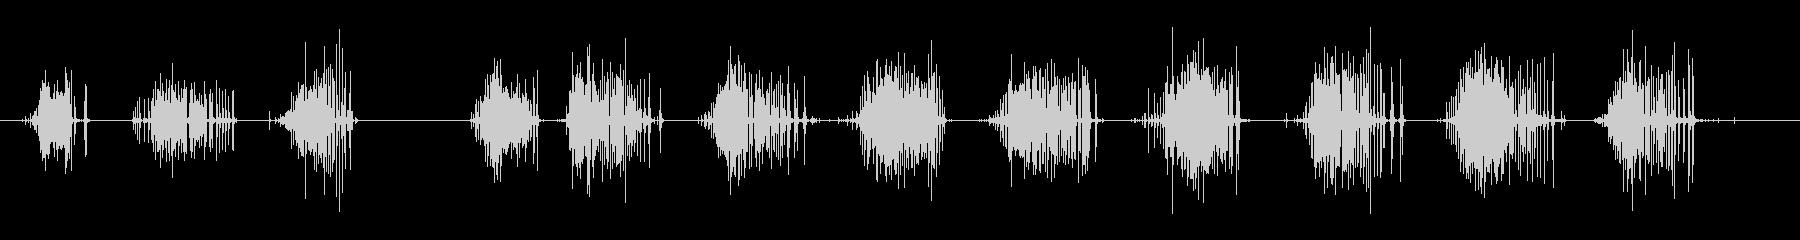 短いゴムの革のきしみの未再生の波形